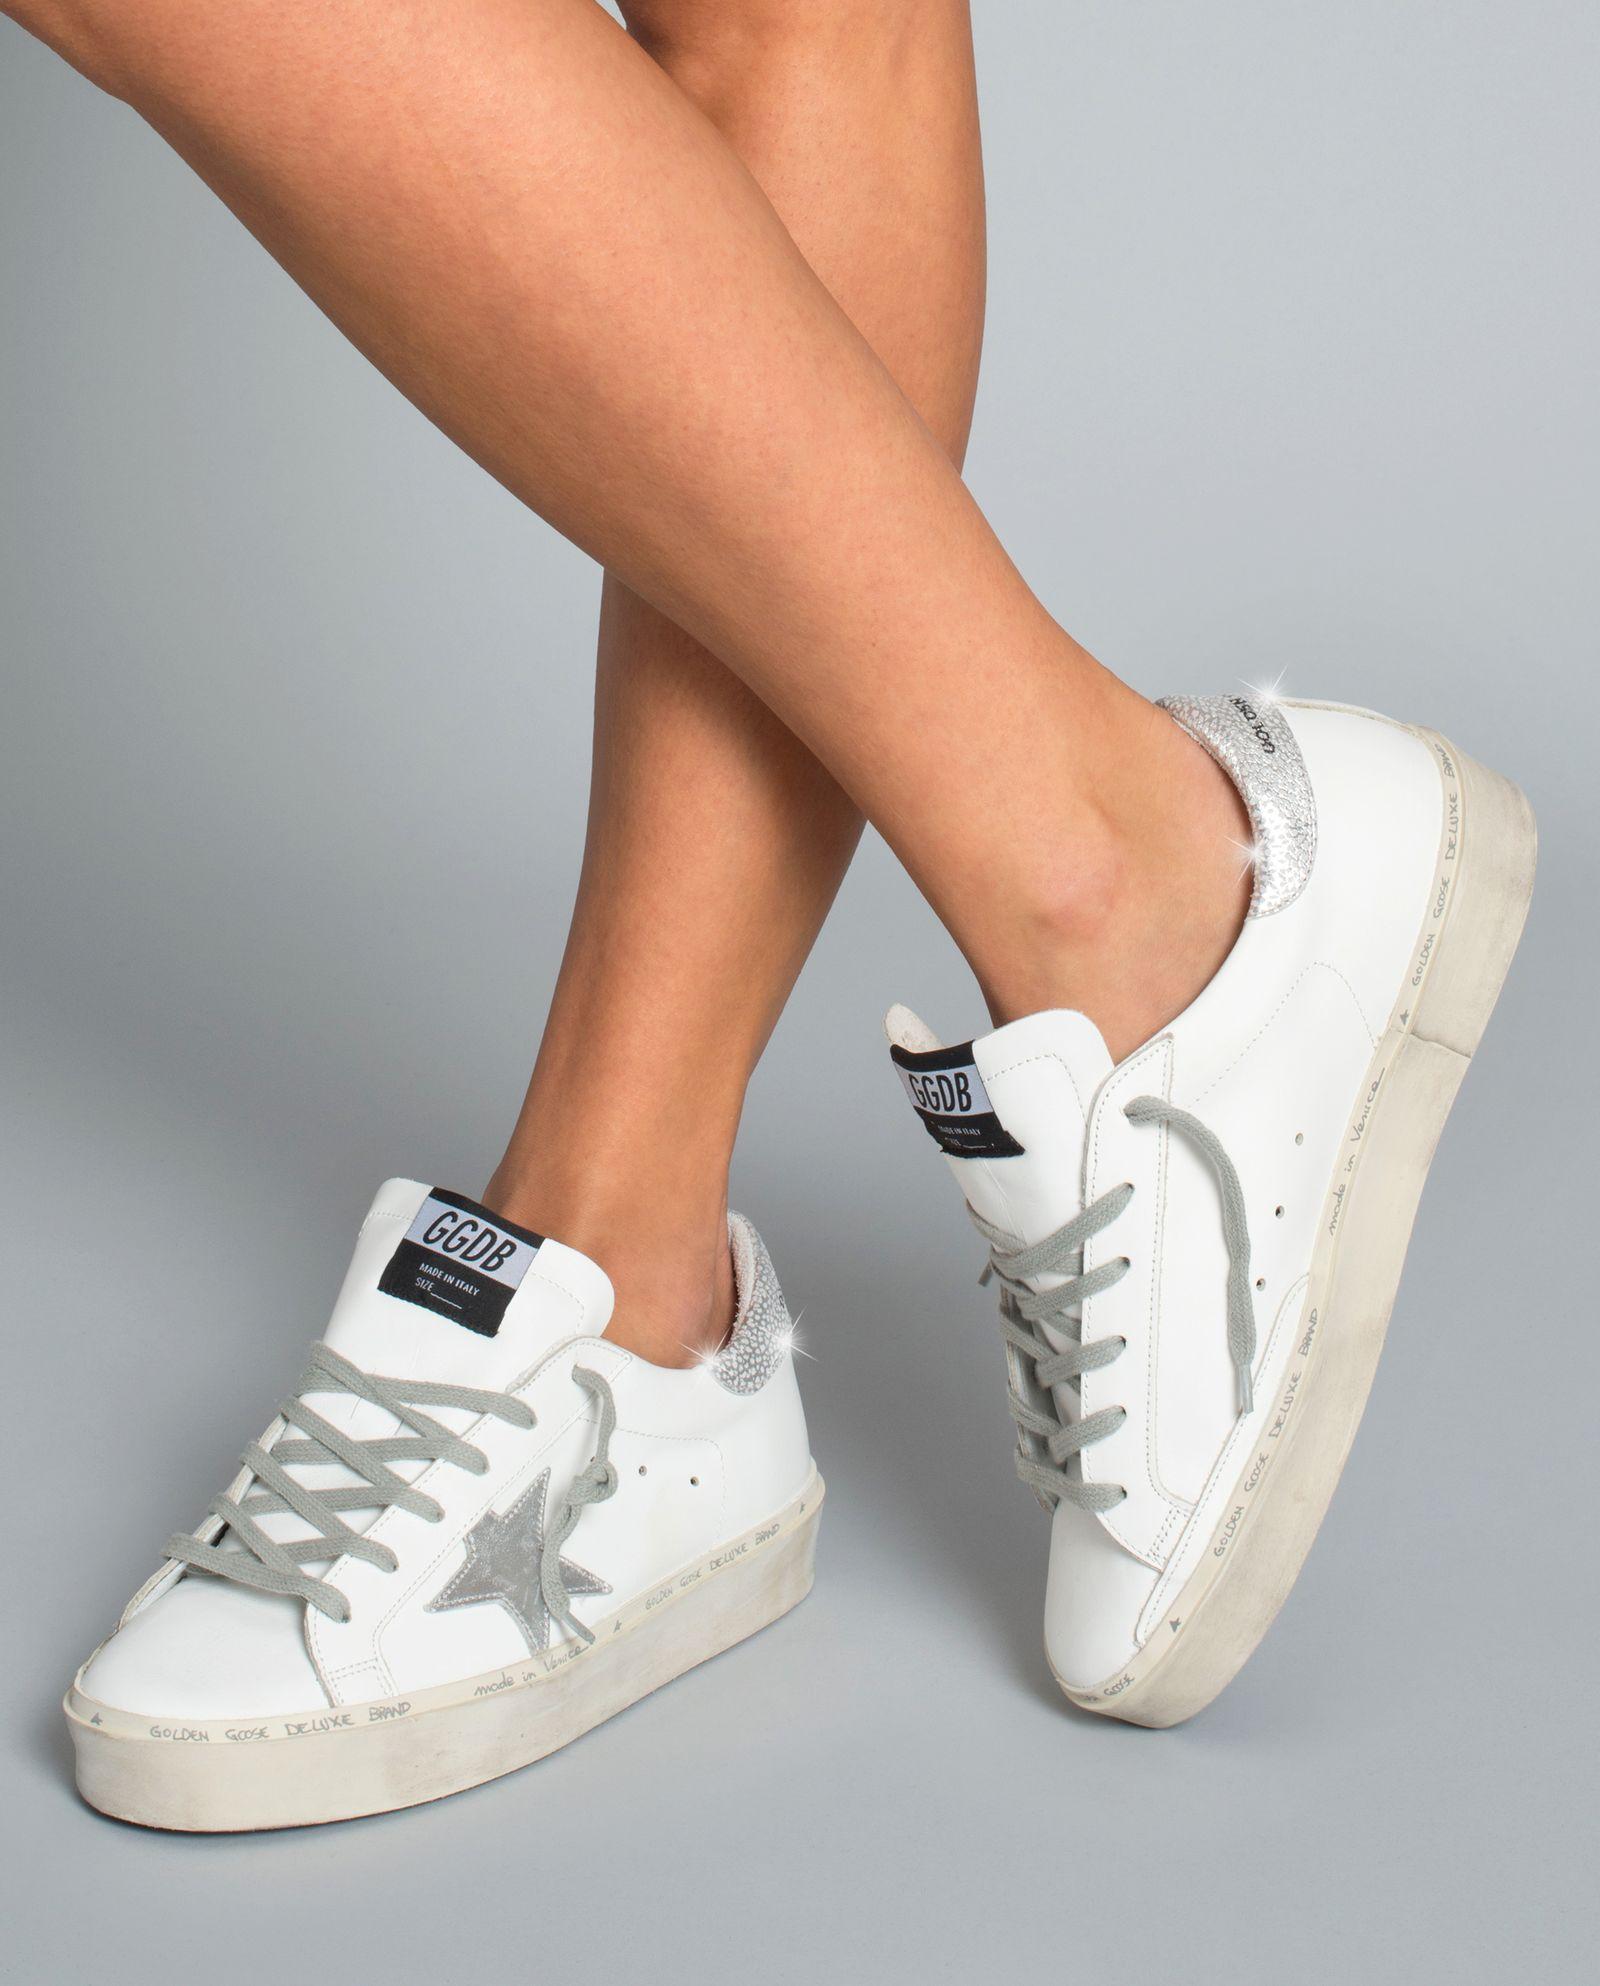 Sneakersy hi star GOLDEN GOOSE – Kup teď! Nejlepší ceny a recenze! Obchod  Moliera2.cz. 38fd74d50b